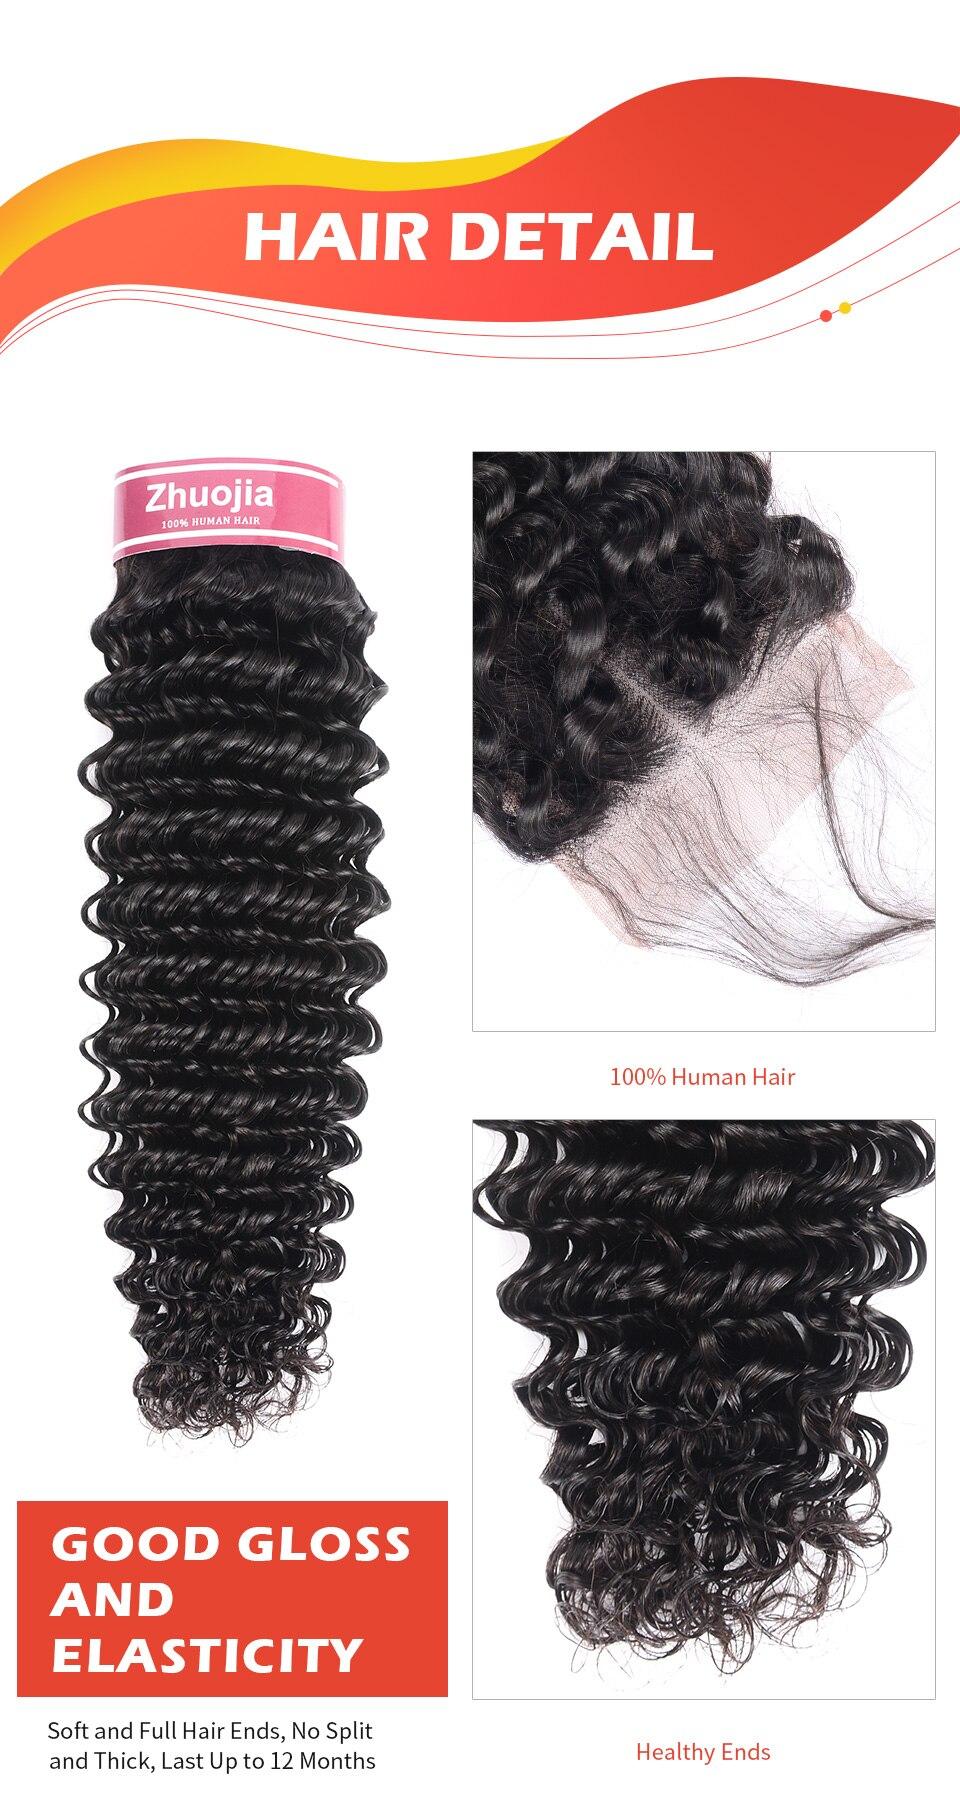 Глубокая волна Закрытие 4x4 человеческие волосы закрытие 8-20 дюймов Кружева Закрытие бразильский Remy средняя свободная часть закрытие